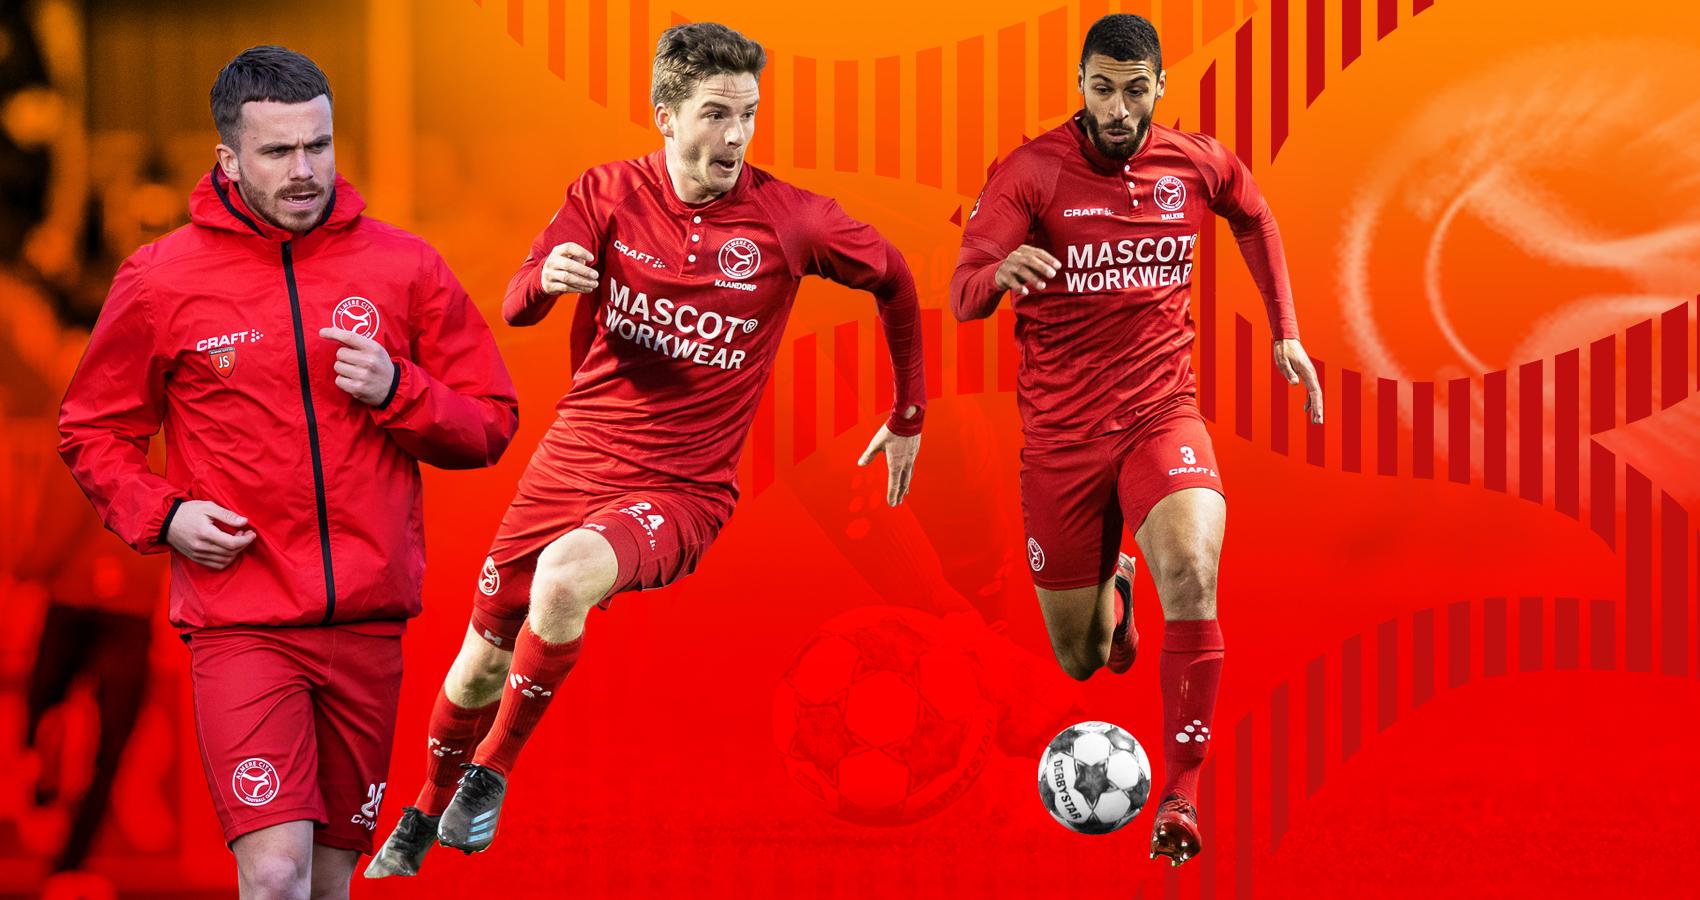 Opnieuw Online Koningdagskleed bij Almere City FC